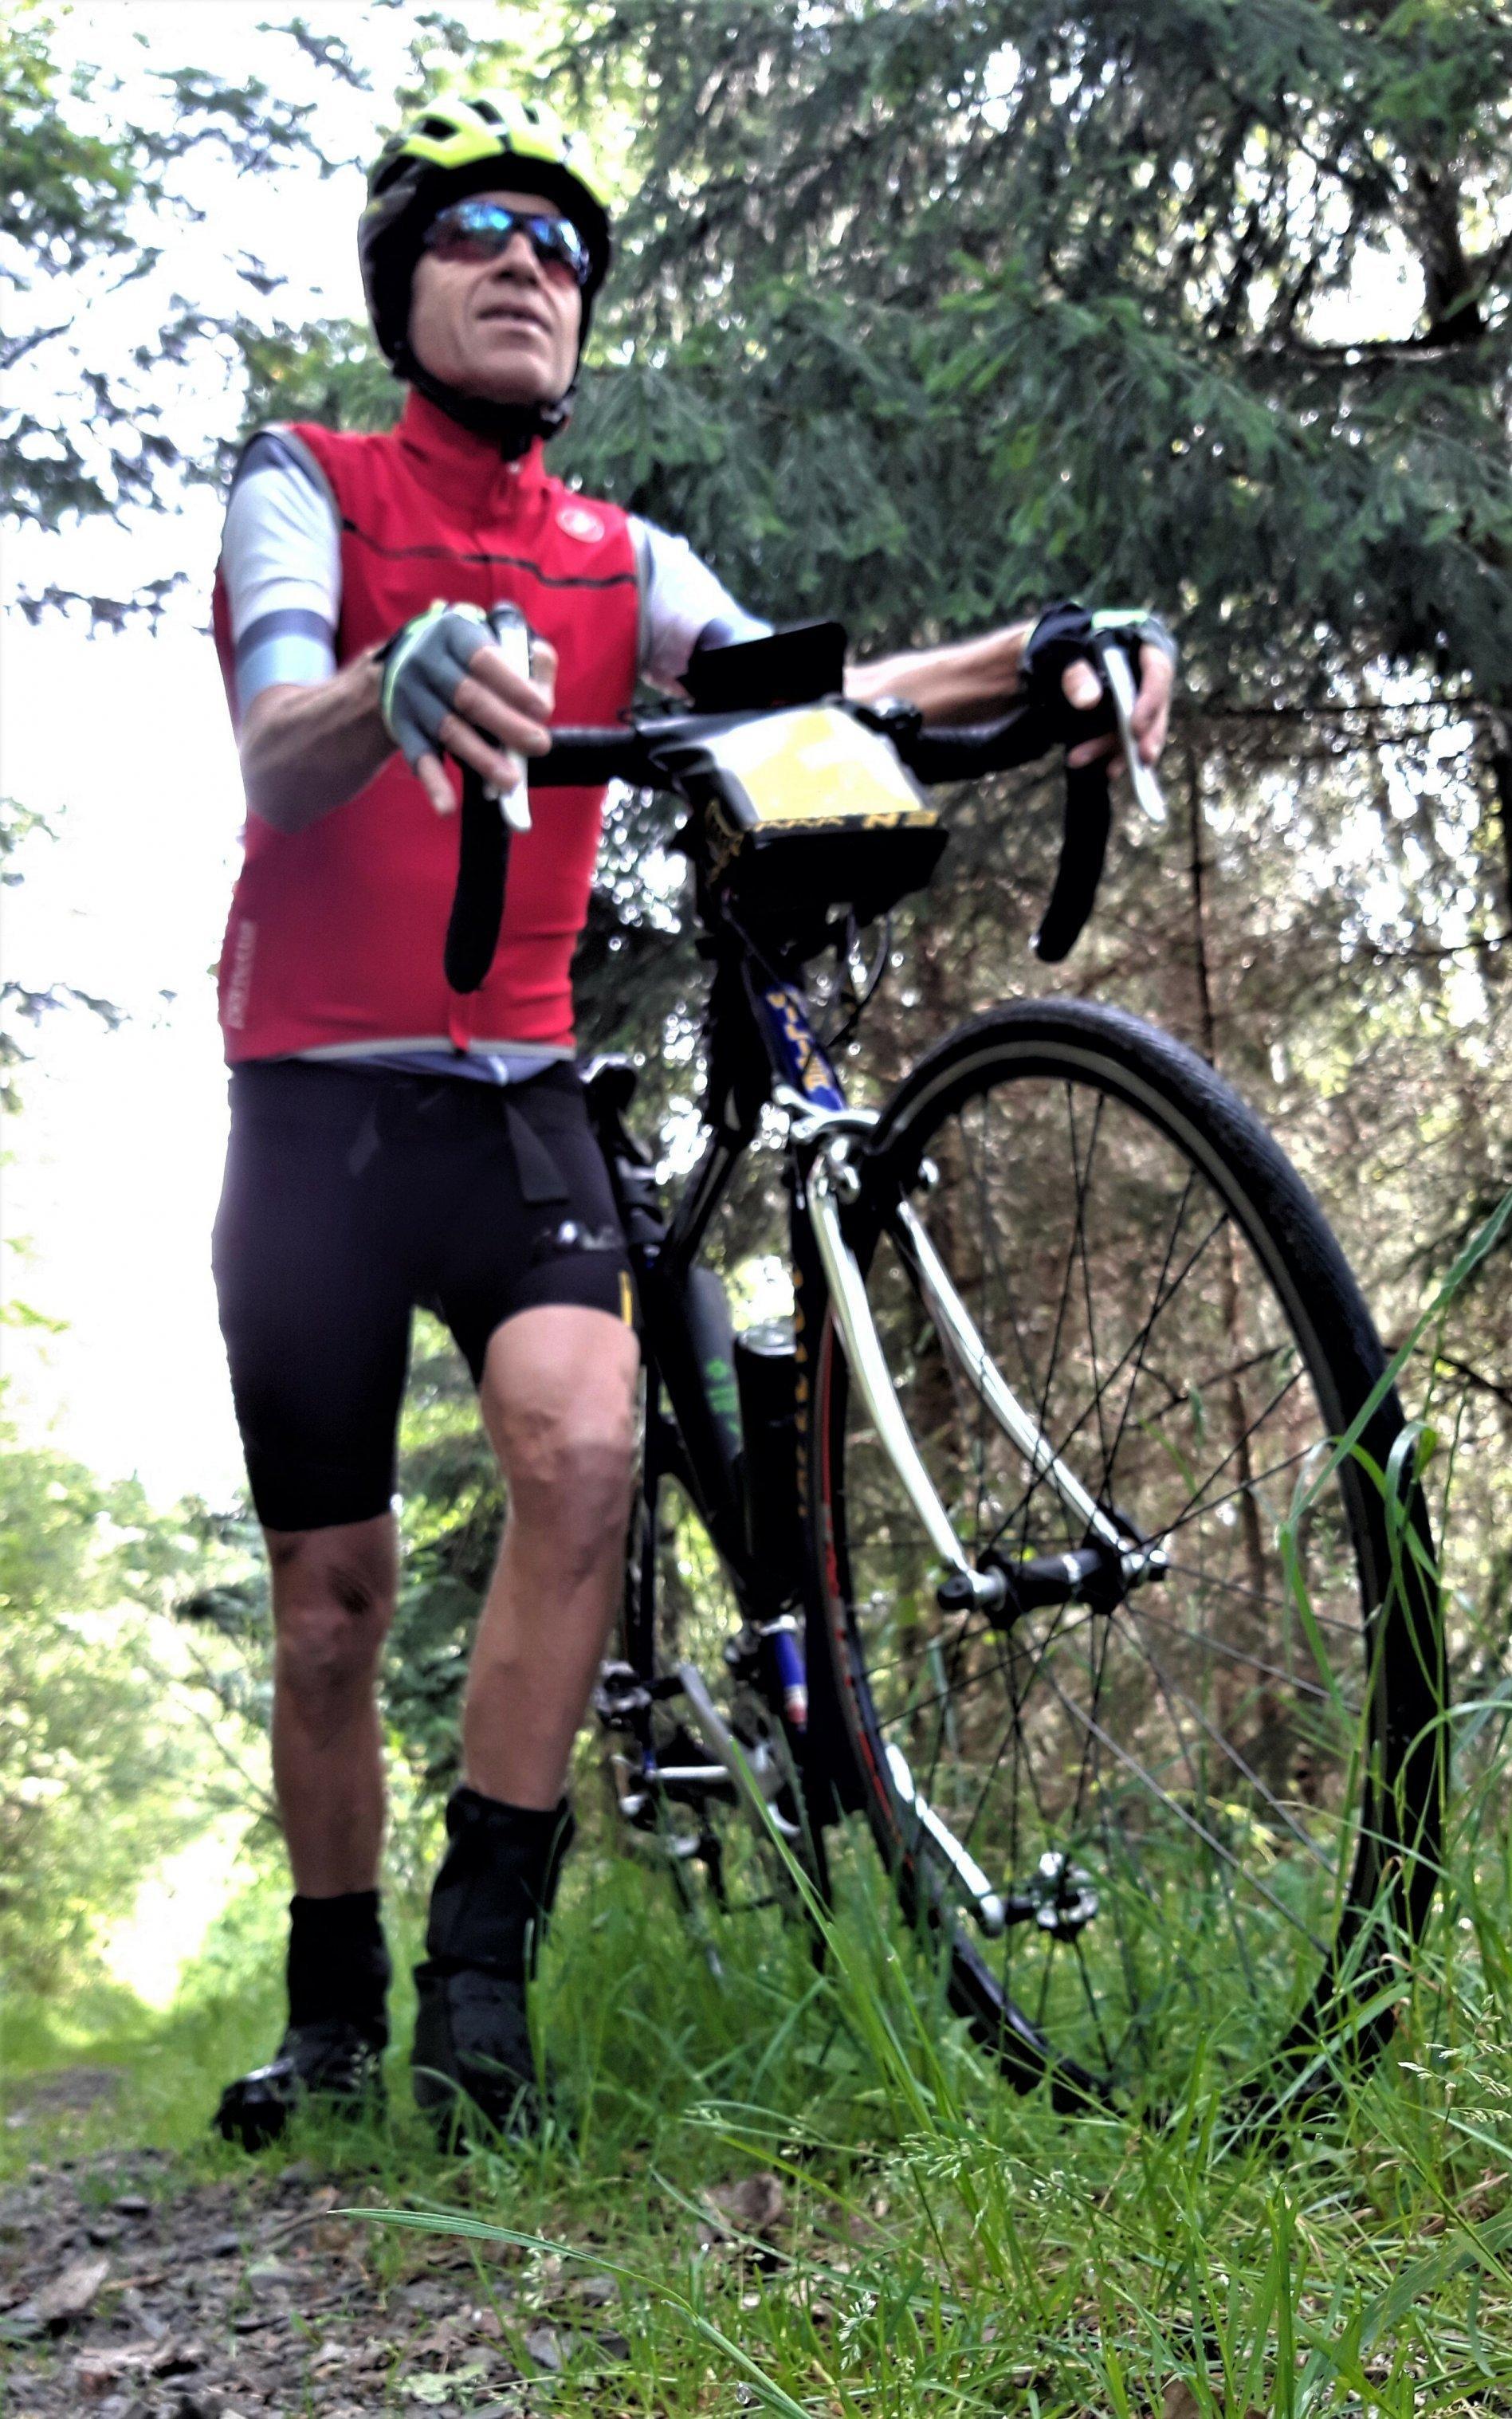 Martin C. Roos schiebt sein Rennrad durch dichten Wald.